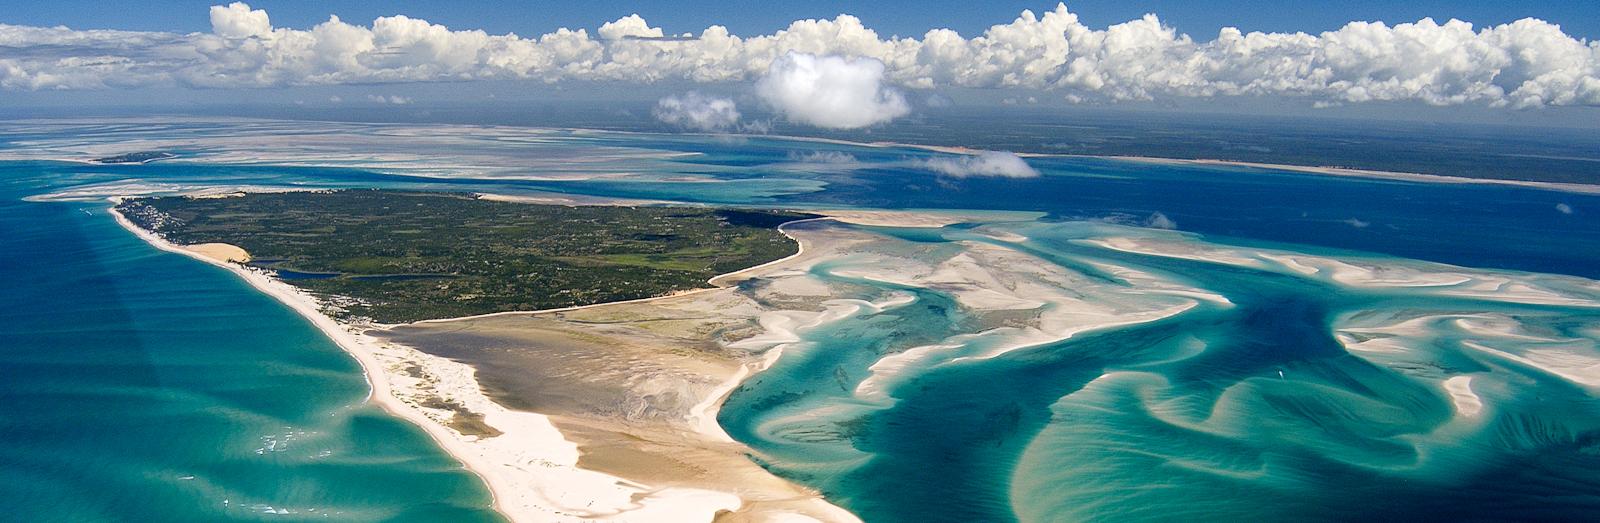 Bazaruto Archipelago, Mozambique.